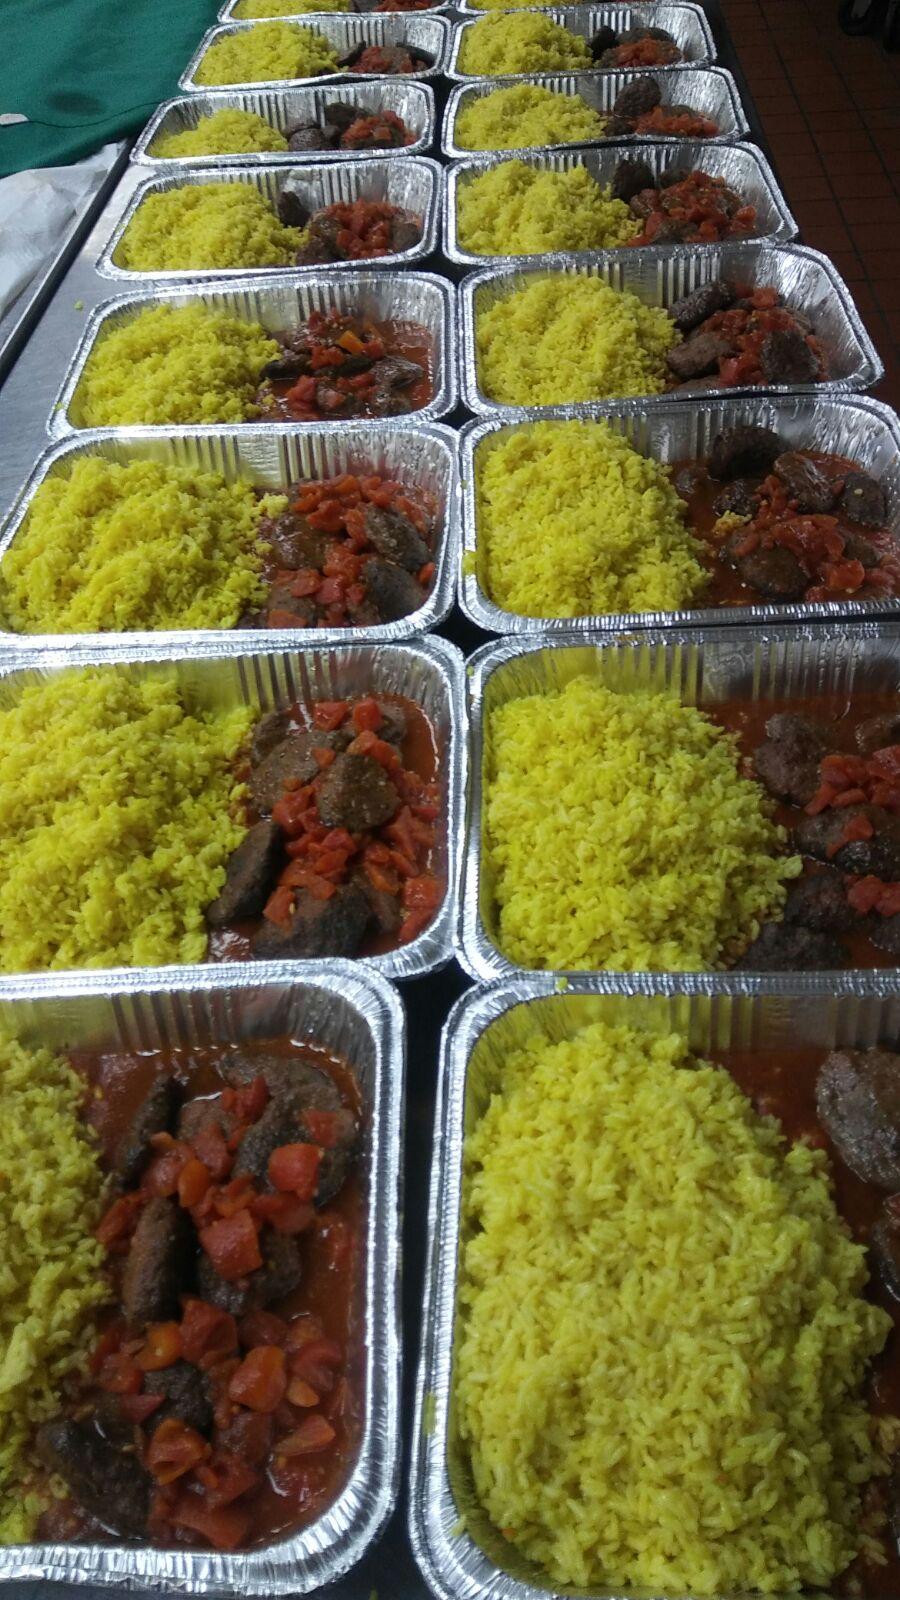 c-asist-refugees-meals-4